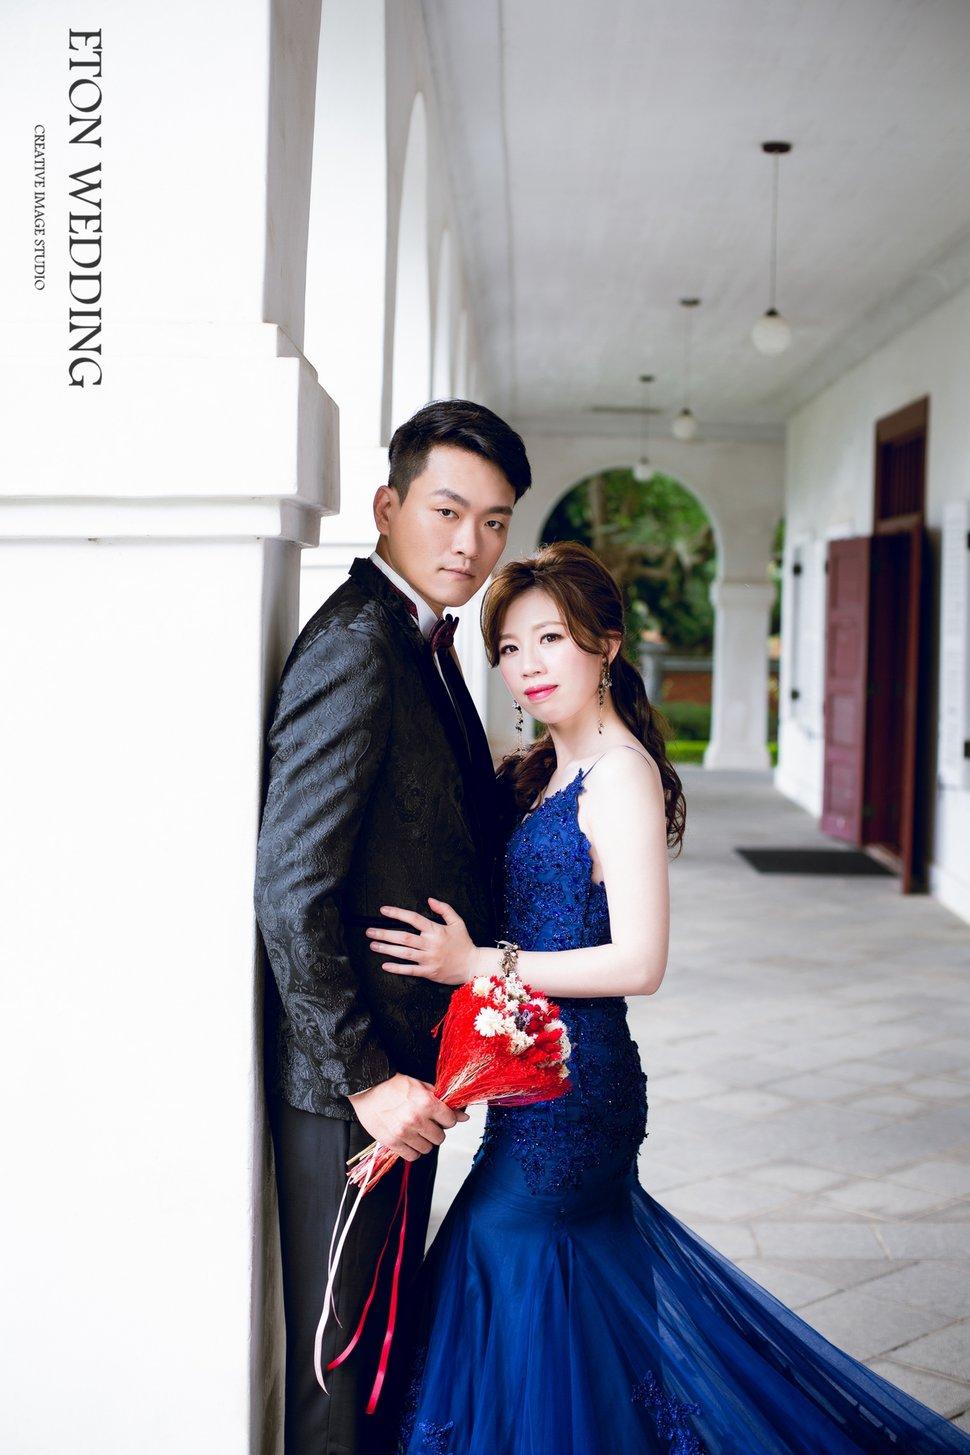 台北婚紗,伊頓自助婚紗 (18) - 伊頓自助婚紗 ▌台北高雄板橋桃園新竹台南《結婚吧》